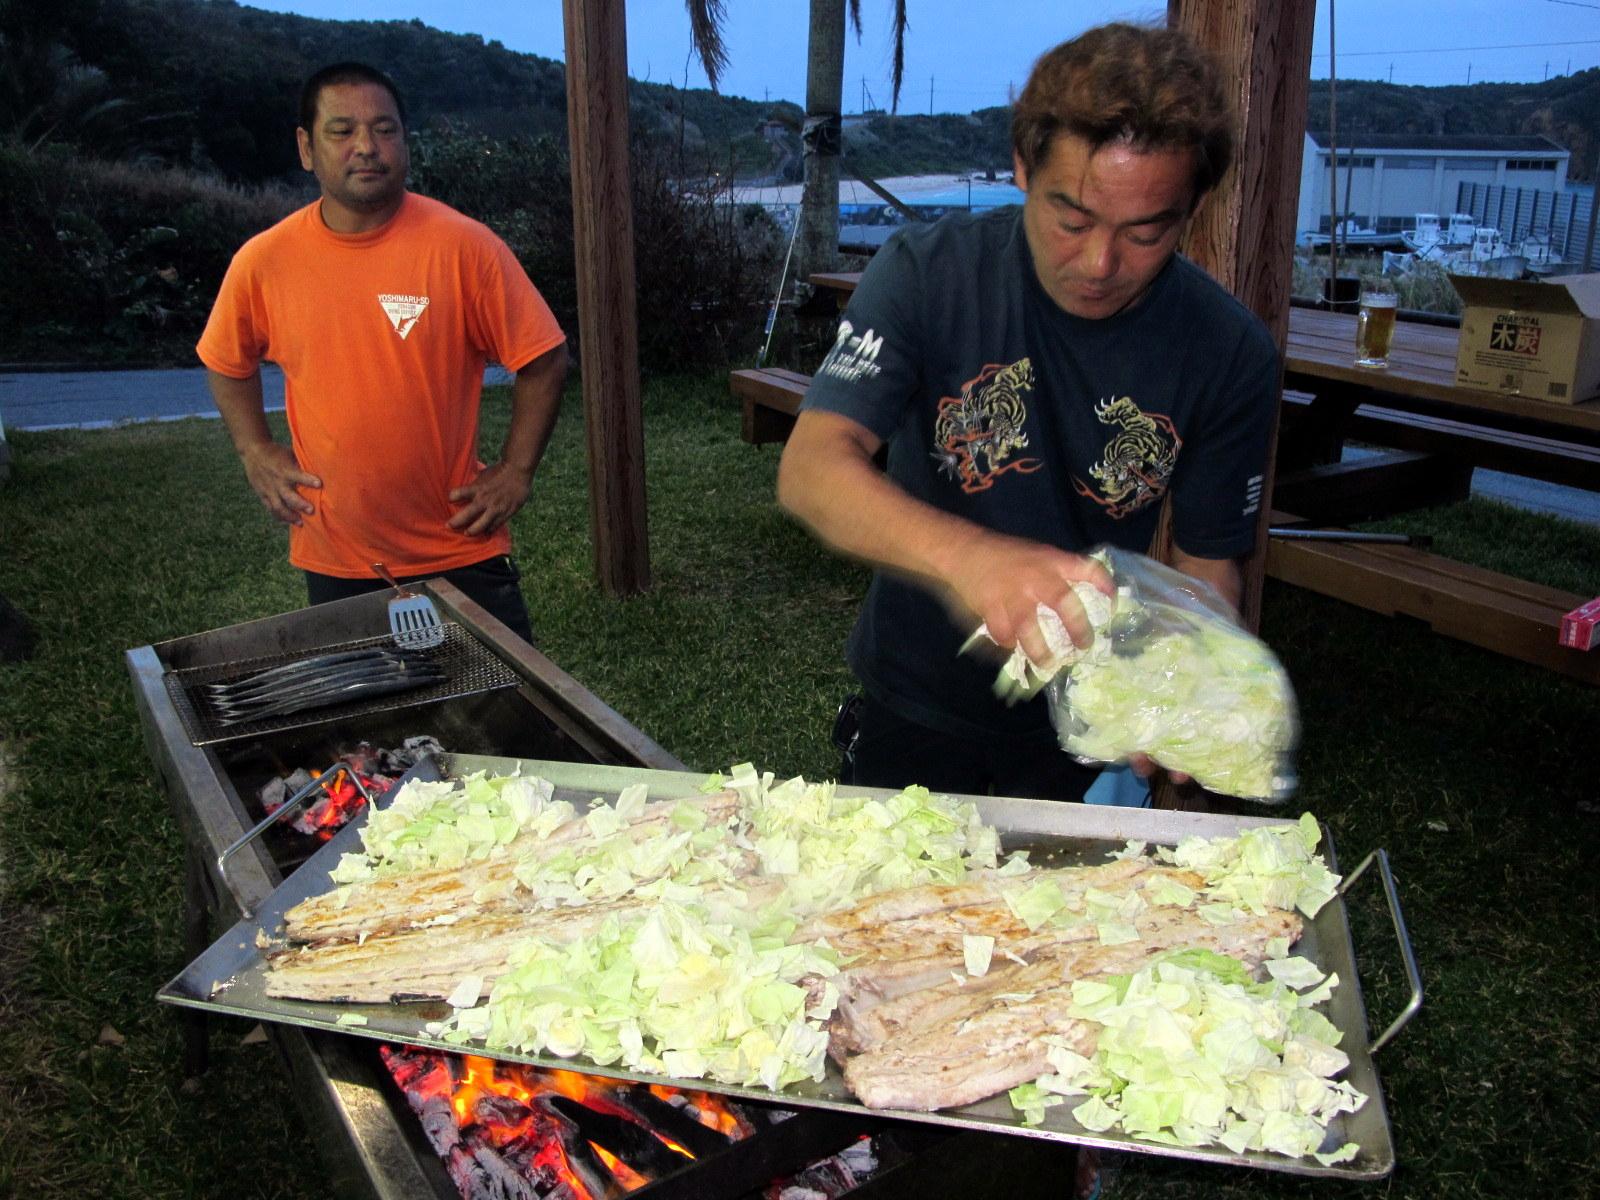 11月 5日 最後の晩餐_b0158746_13172818.jpg